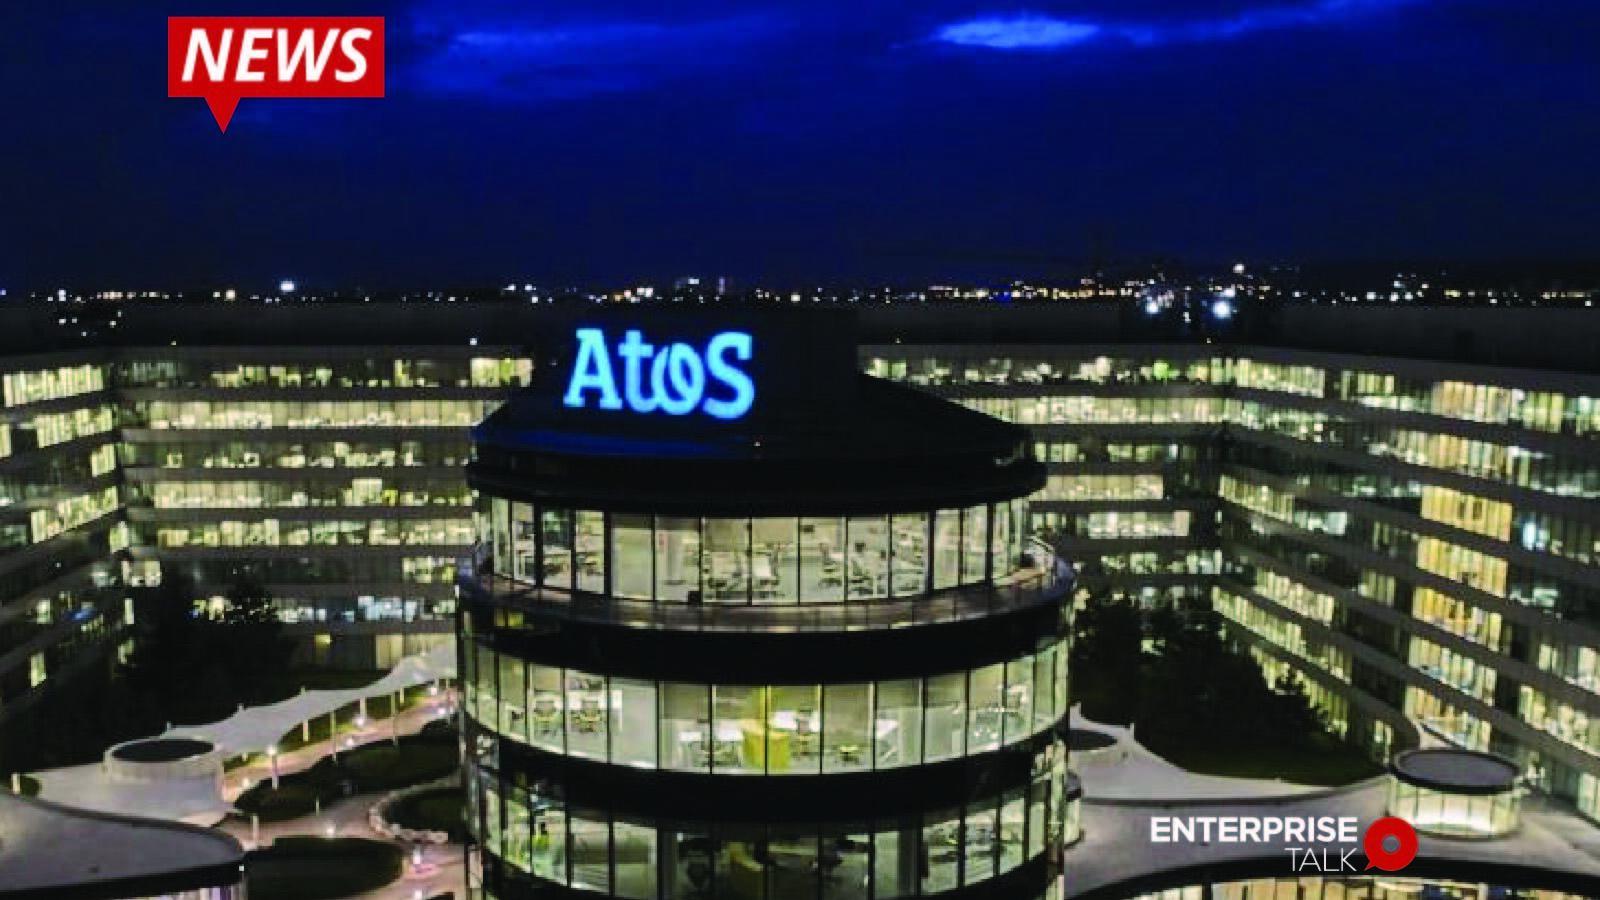 Atos, Miner & Kasch, artificial intelligence (AI)